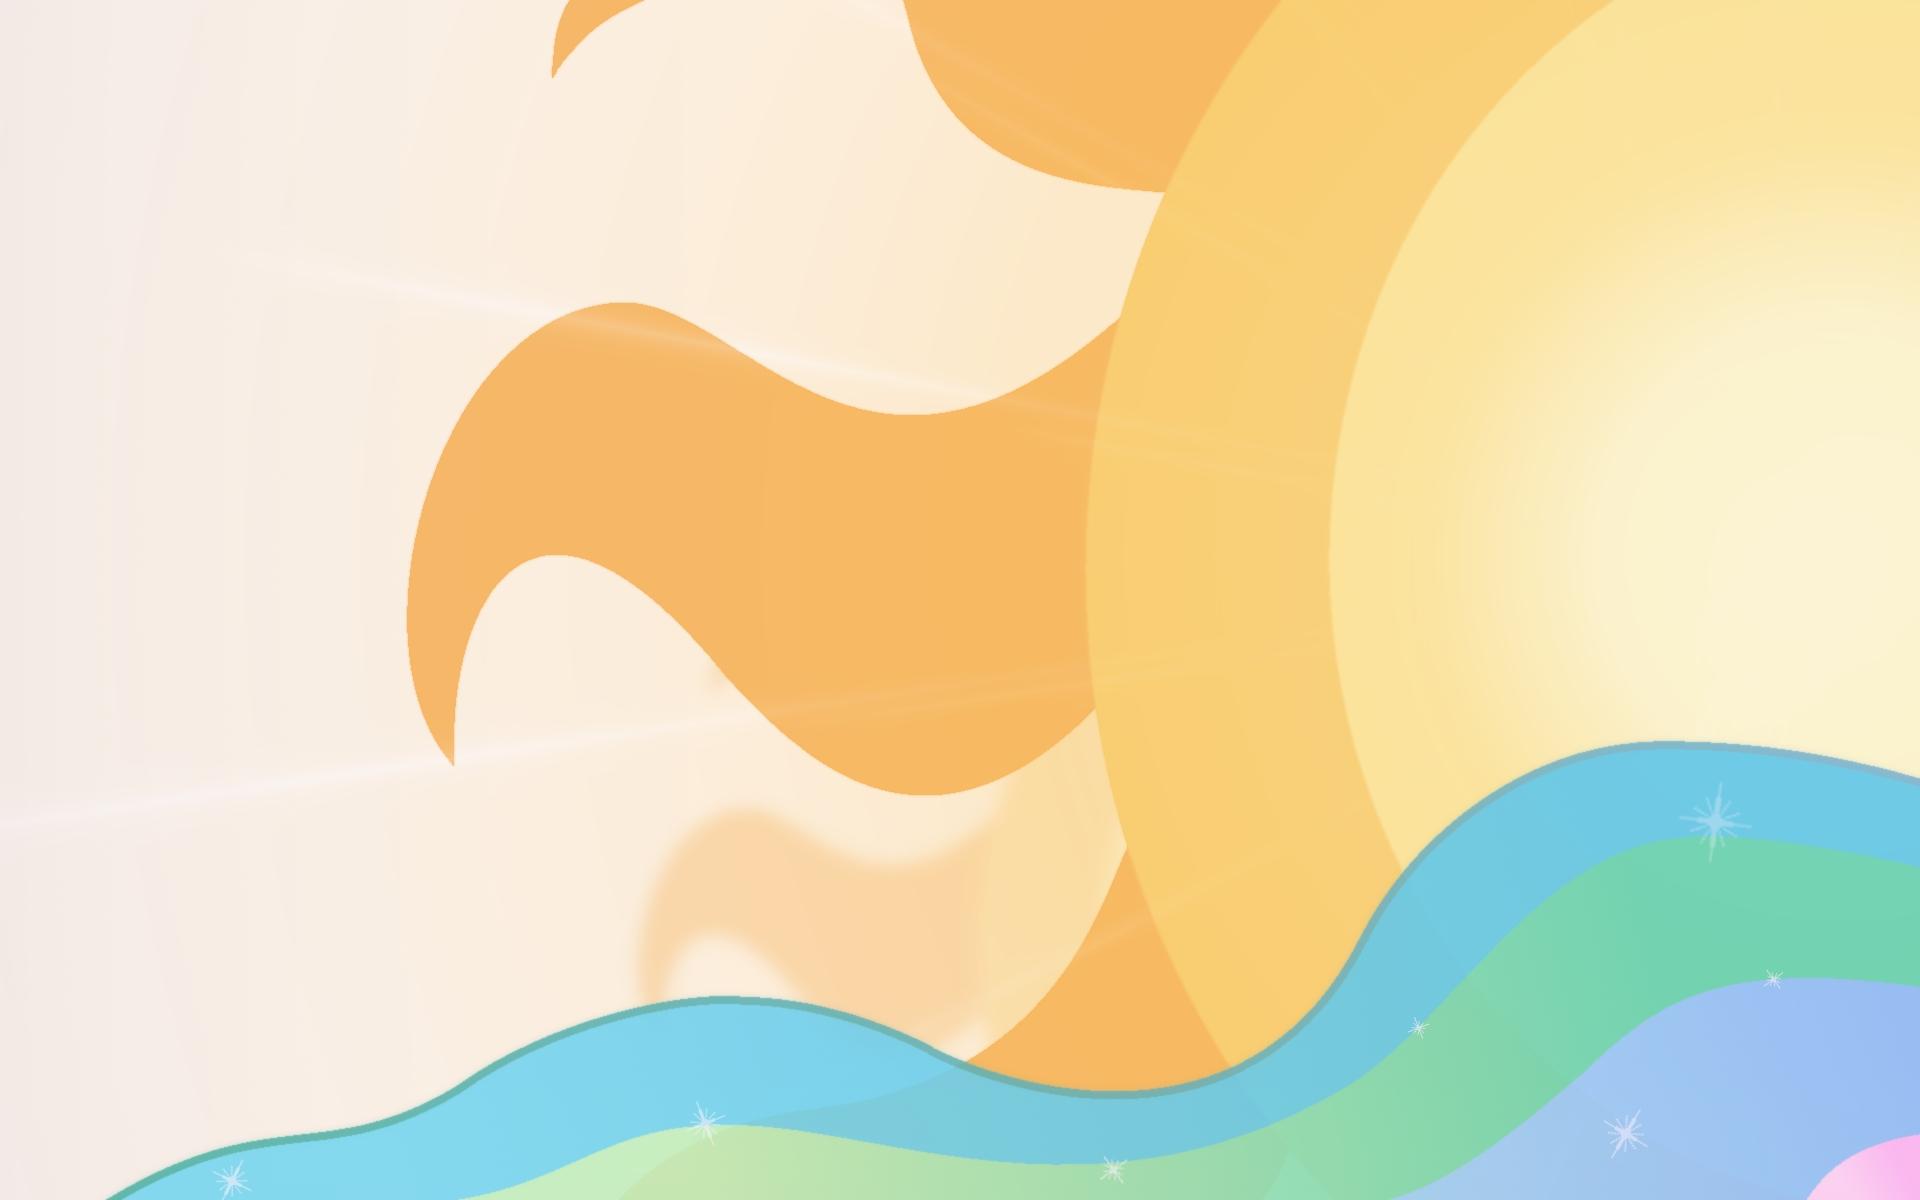 Un dibujo digital del sol - 1920x1200